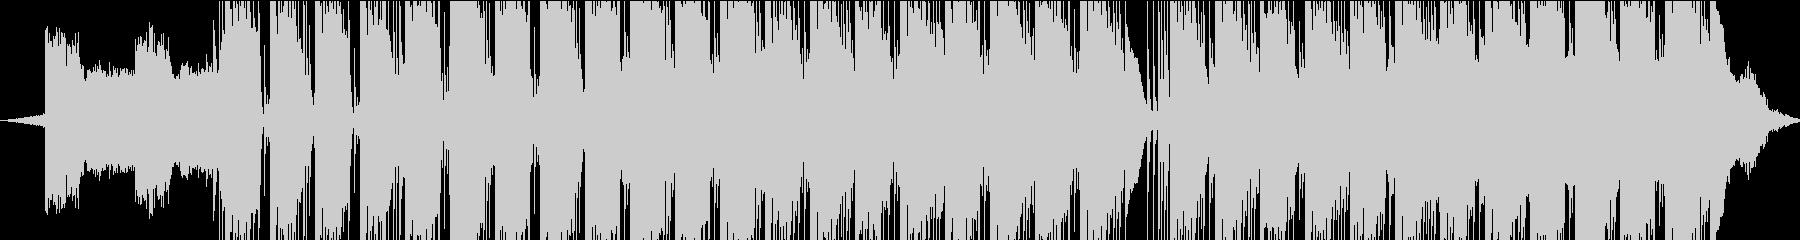 インディーズ ロック ポップ アク...の未再生の波形